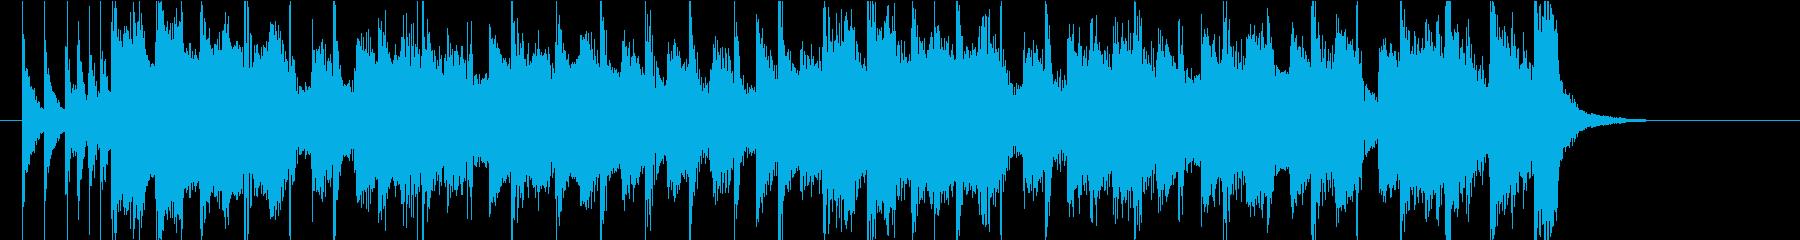 陽気なスカ youtubeオープニングの再生済みの波形